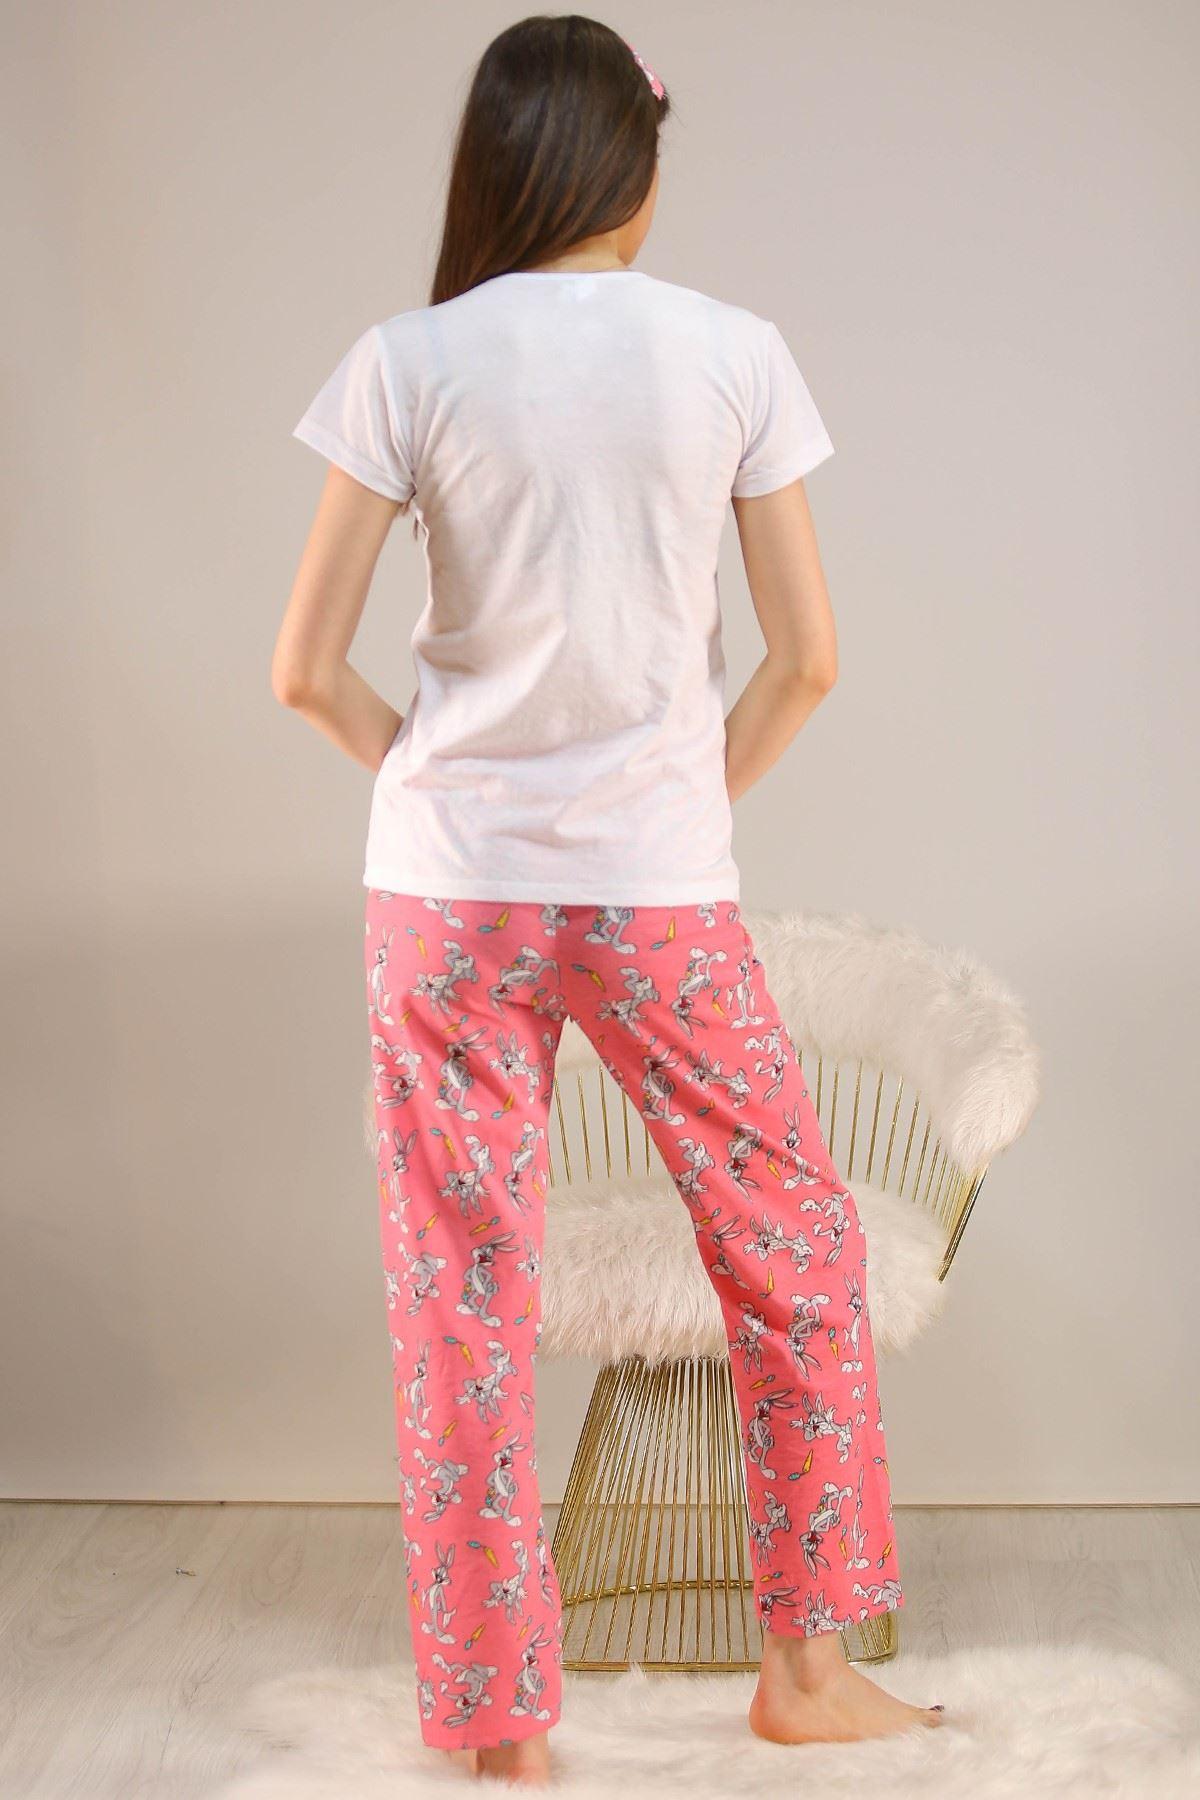 Baskılı Pijama Takımı Beyaz - 5149.102.